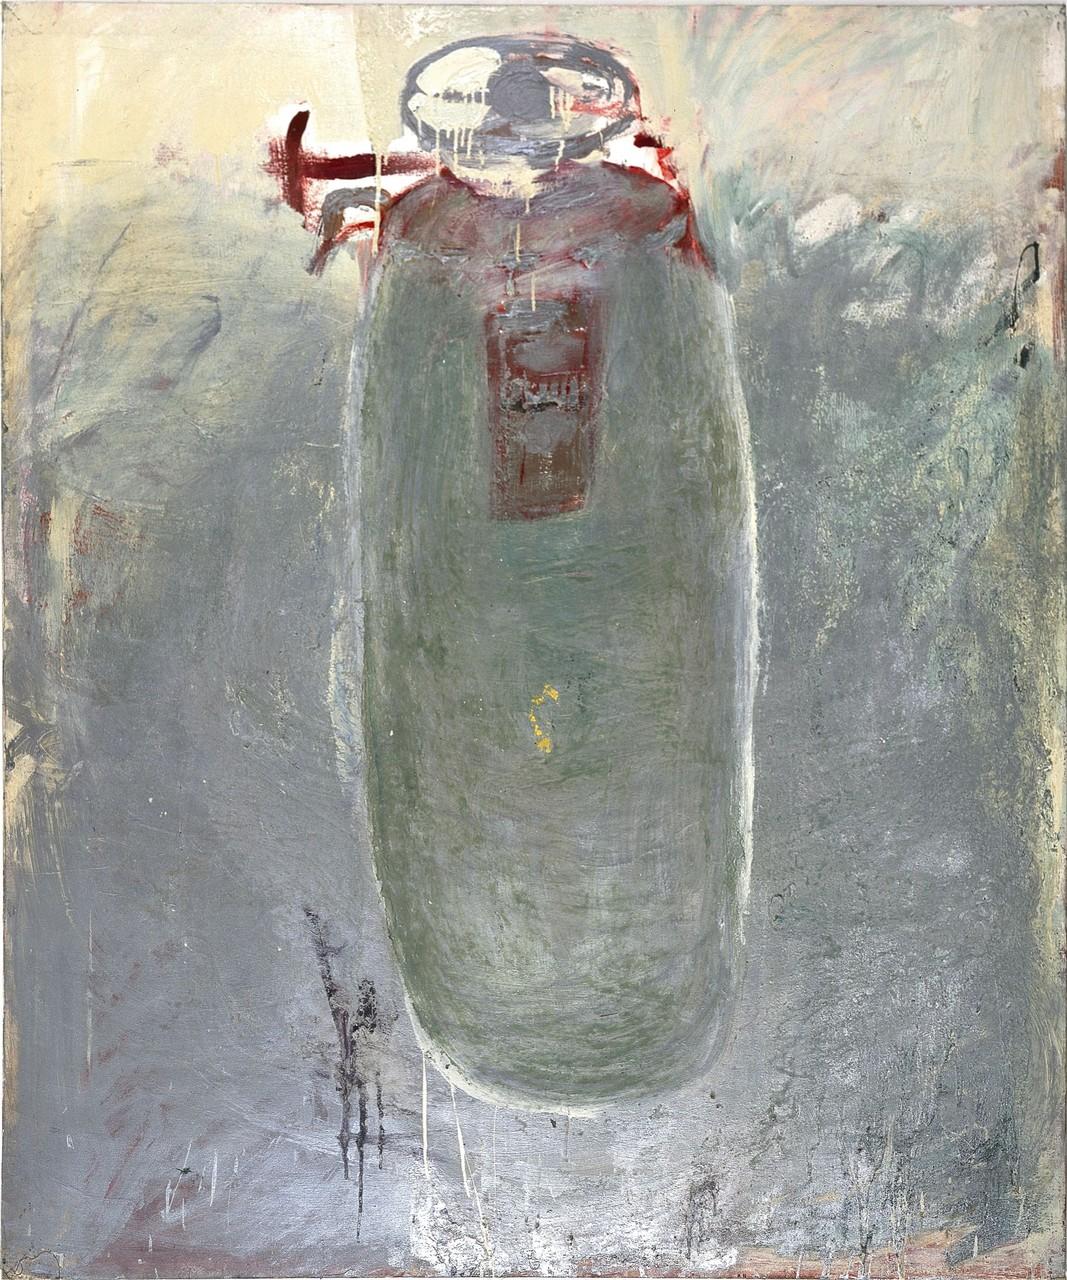 Feuerlöscher 180 x 150 cm 1978